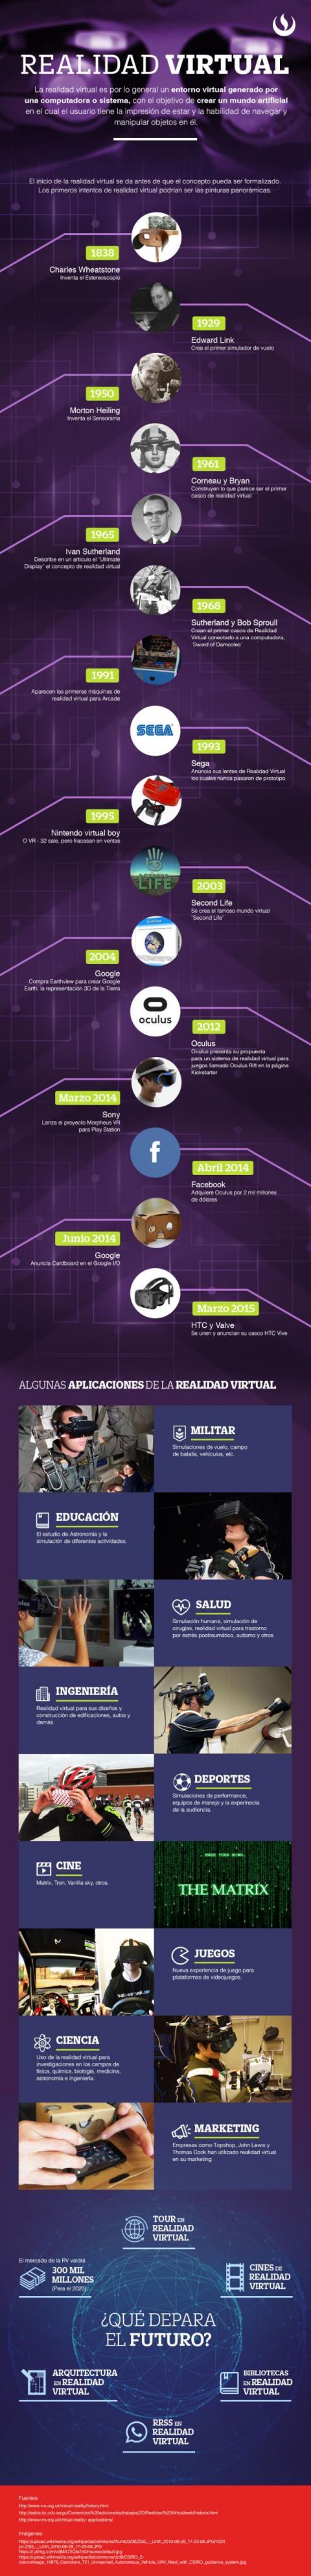 Historia Realidad Virtual